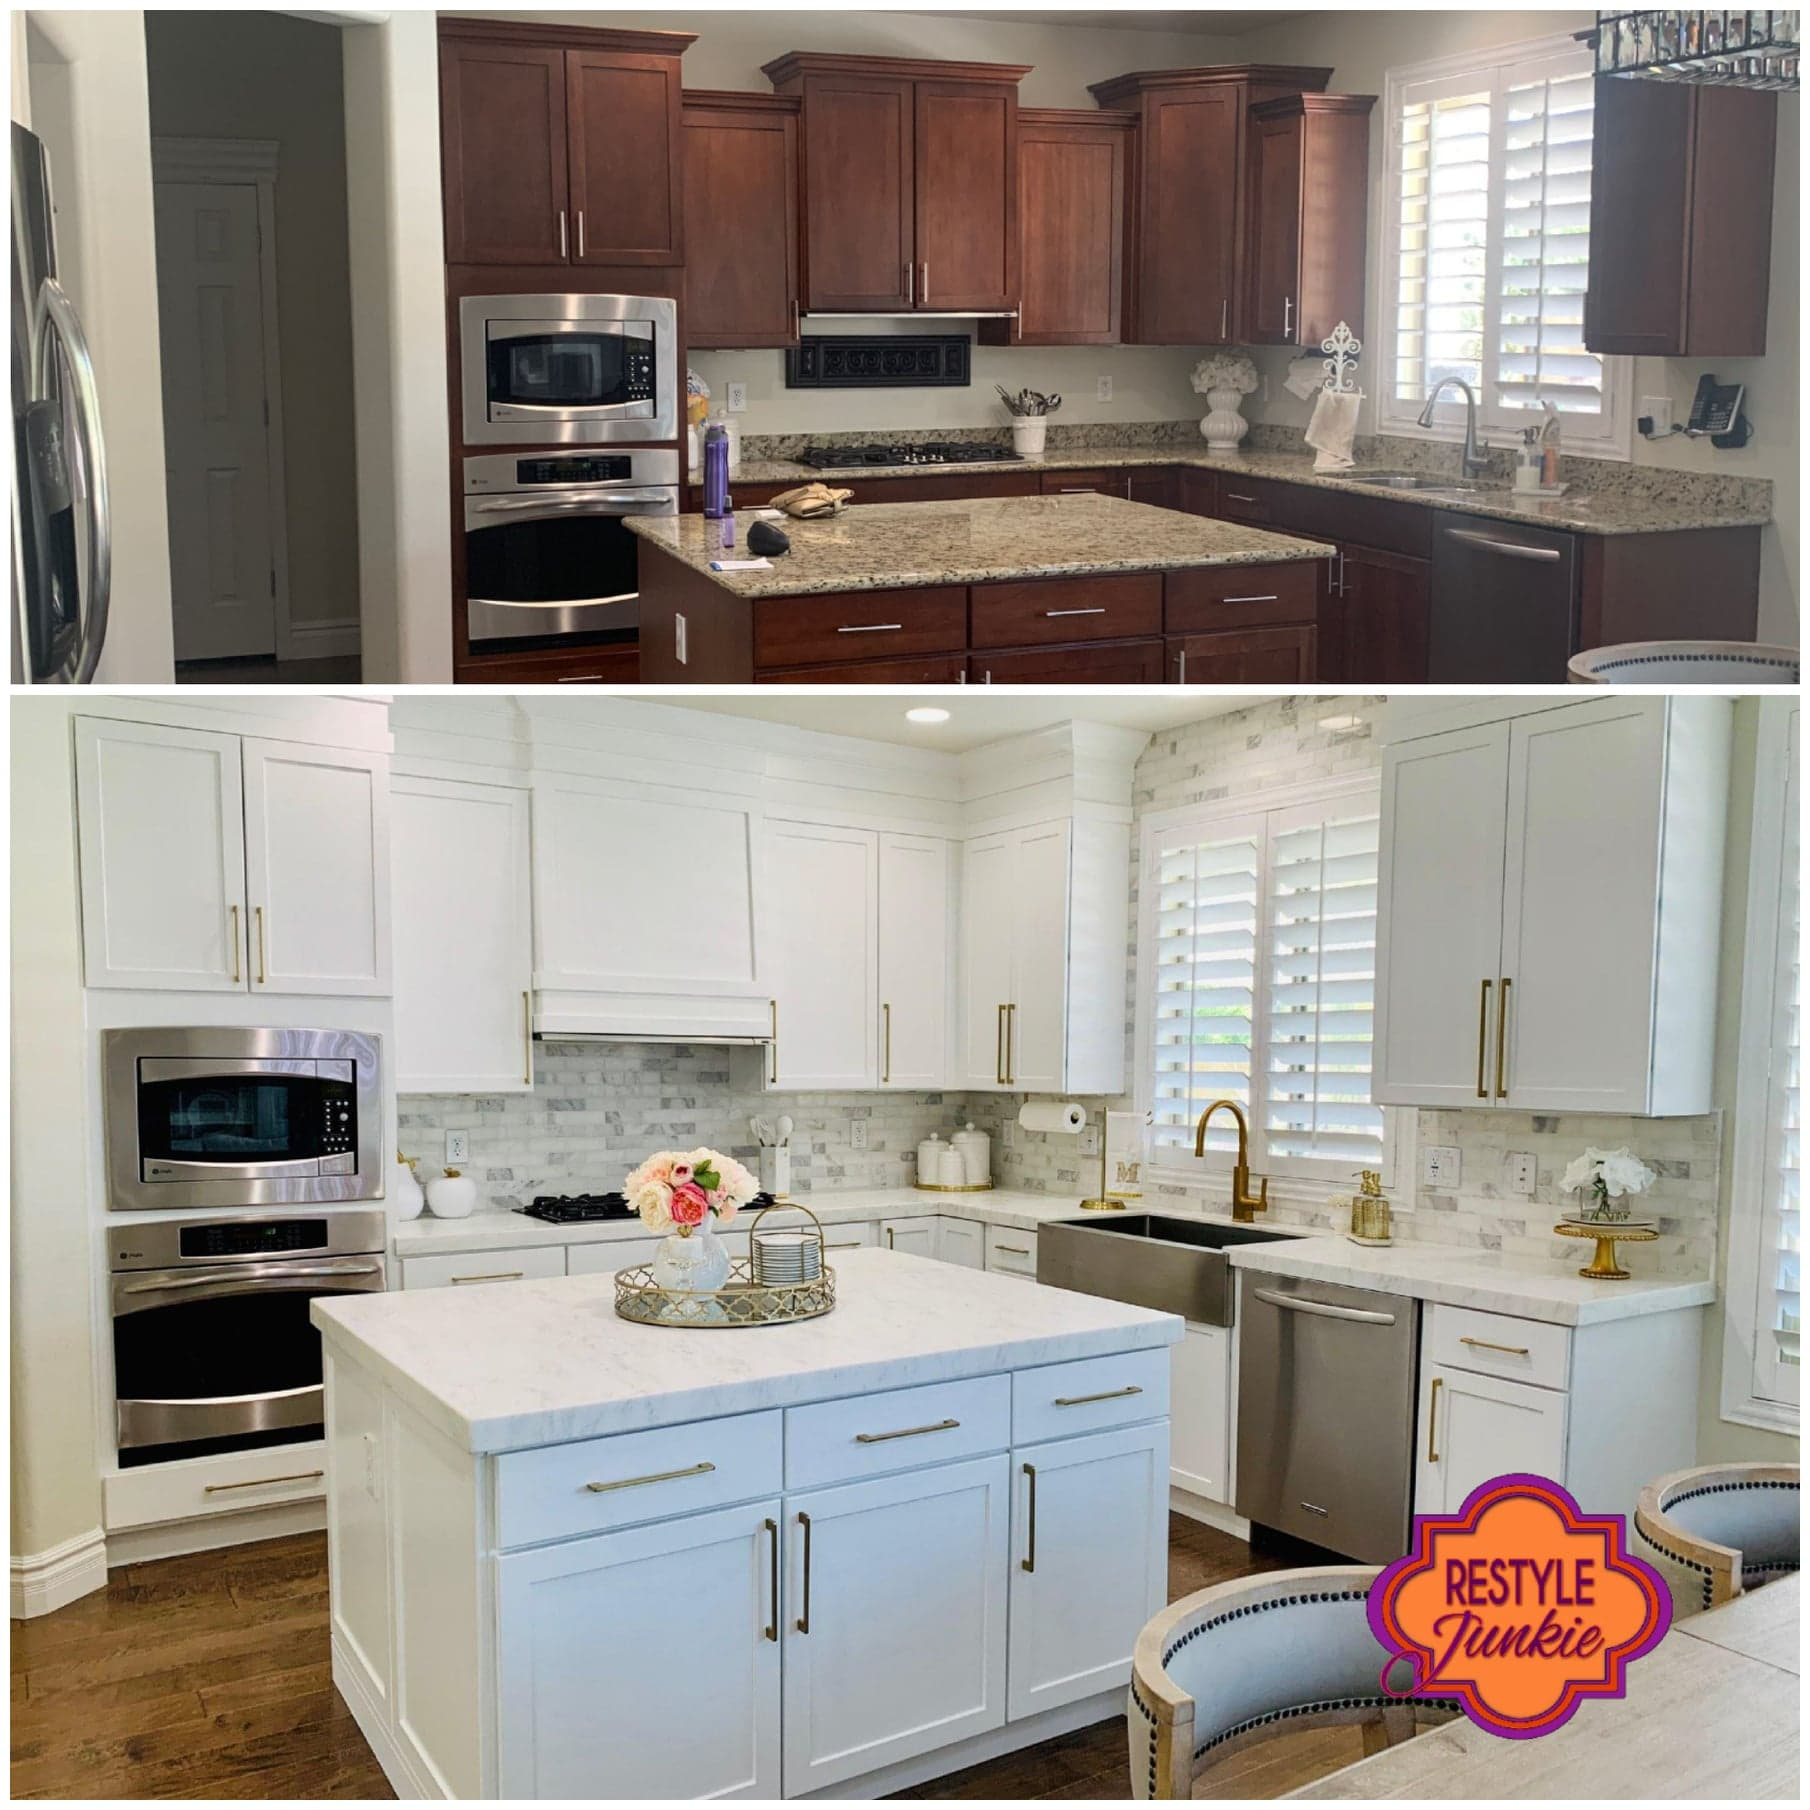 Dark to white kitchen cabinets